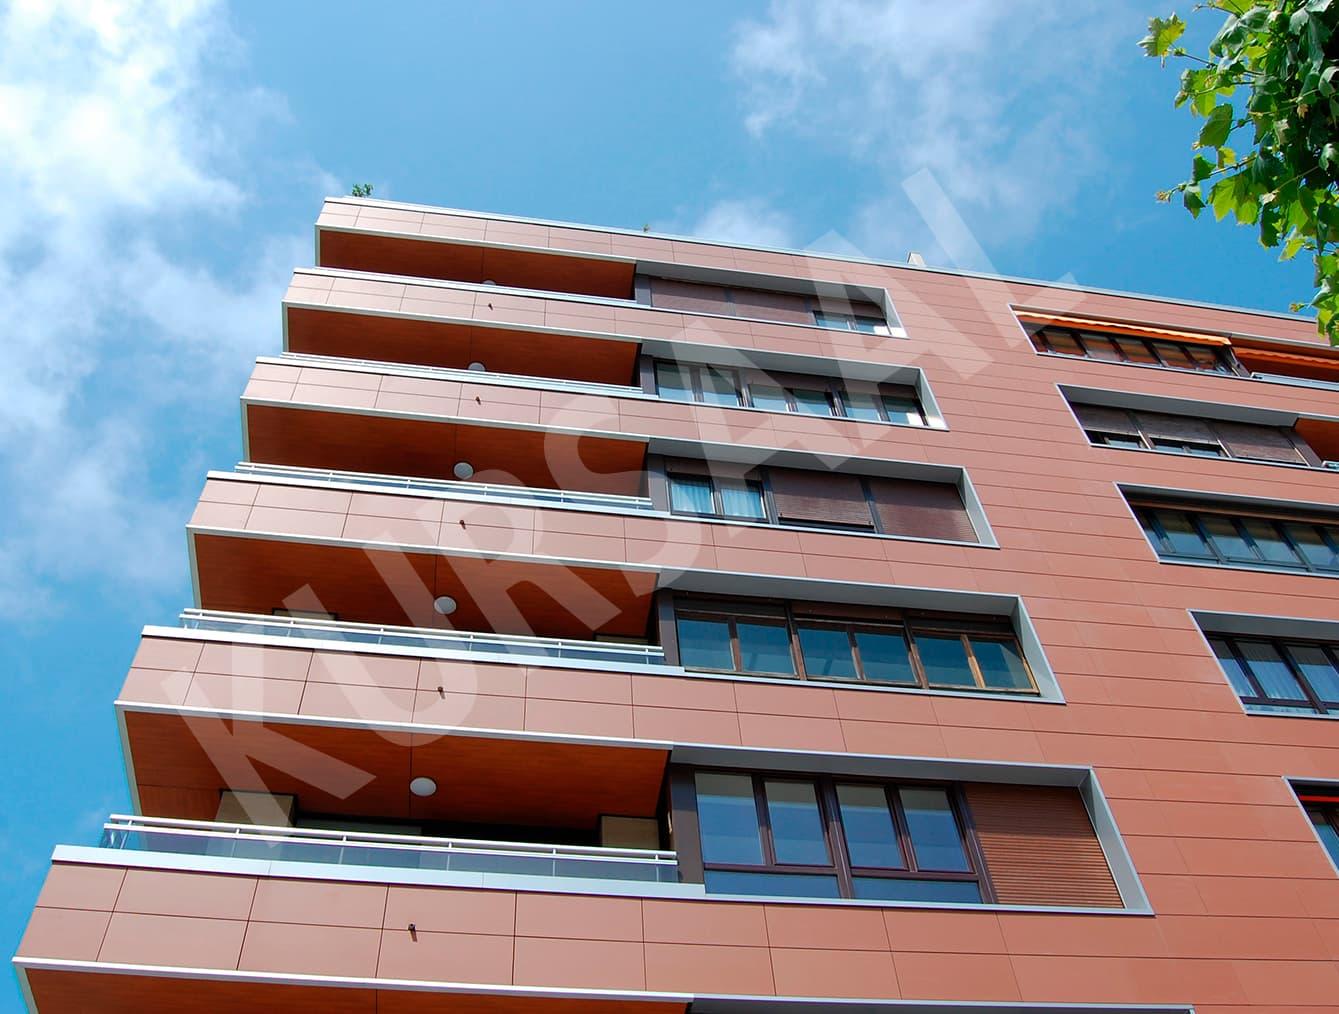 foto 6 - Aislamientos Térmicos y Eficiencia Energética-Ategorrieta 29-DONOSTIA, GIPUZKOA